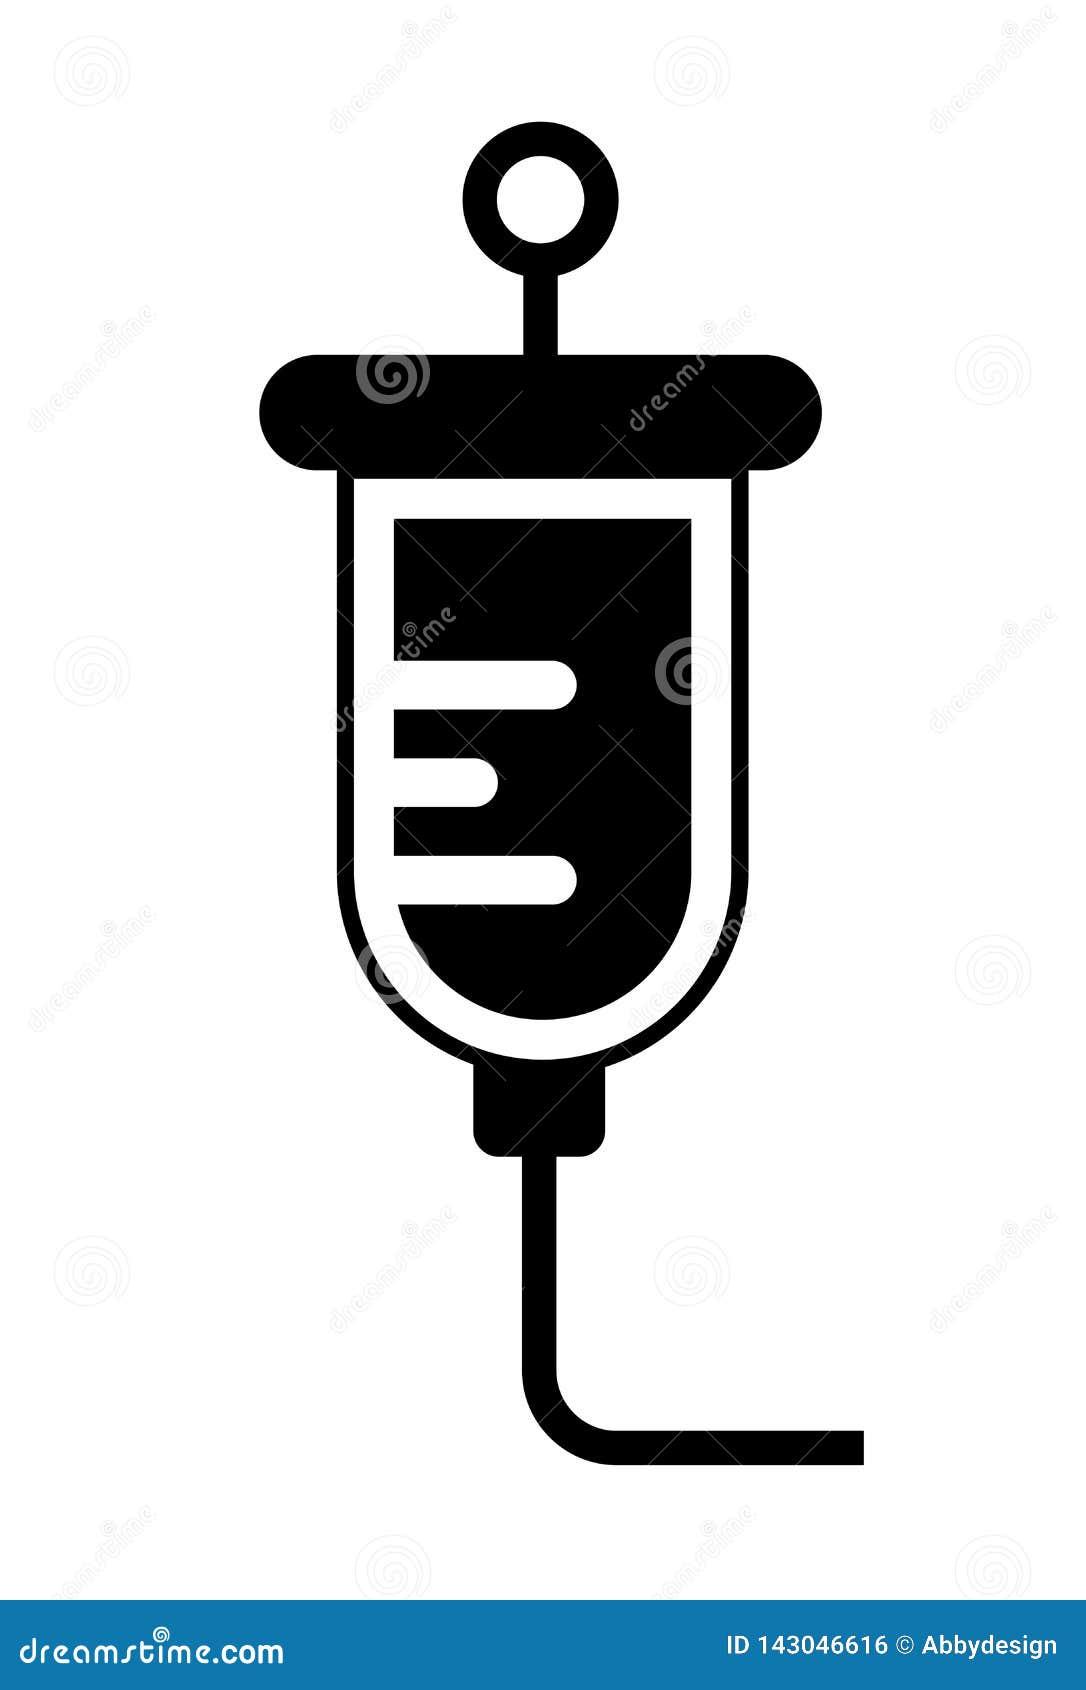 Vetor do ícone da solução salina